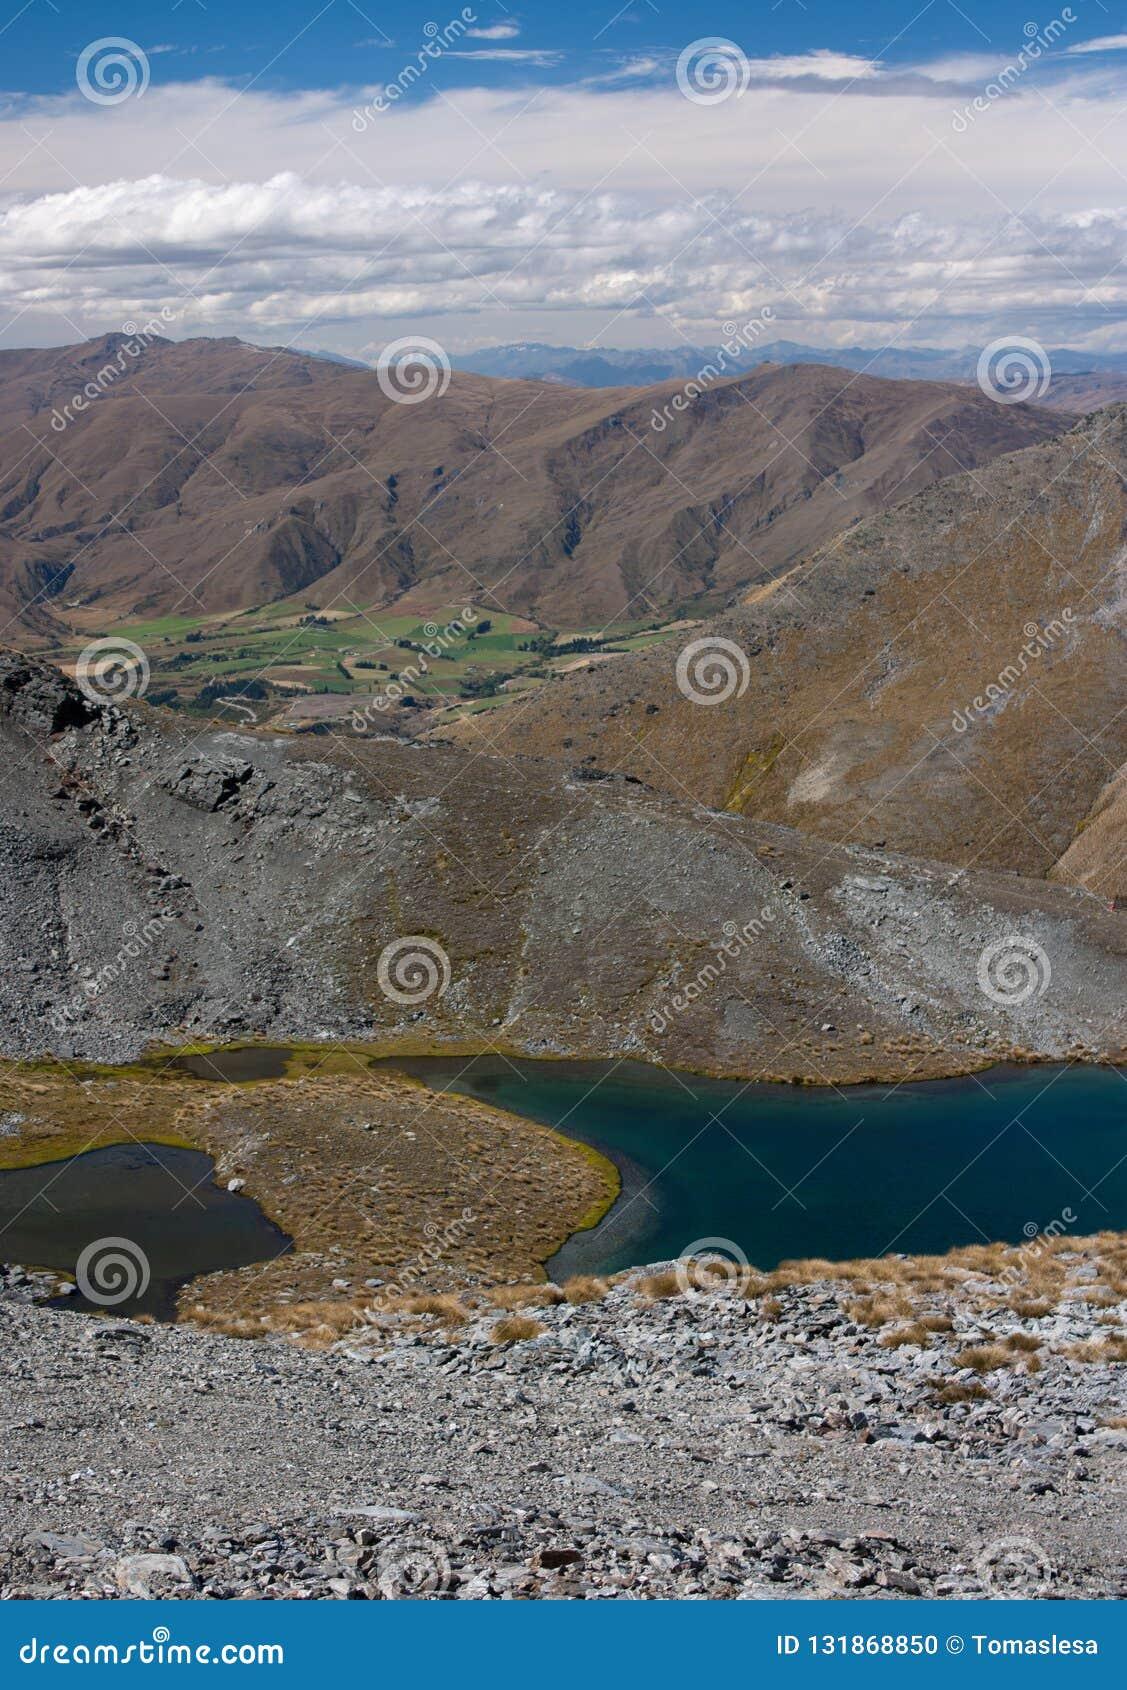 Un paysage avec des montagnes et un lac en haut du Remarkables Ski Resort près de Queenstown au Nouvelle-Zélande